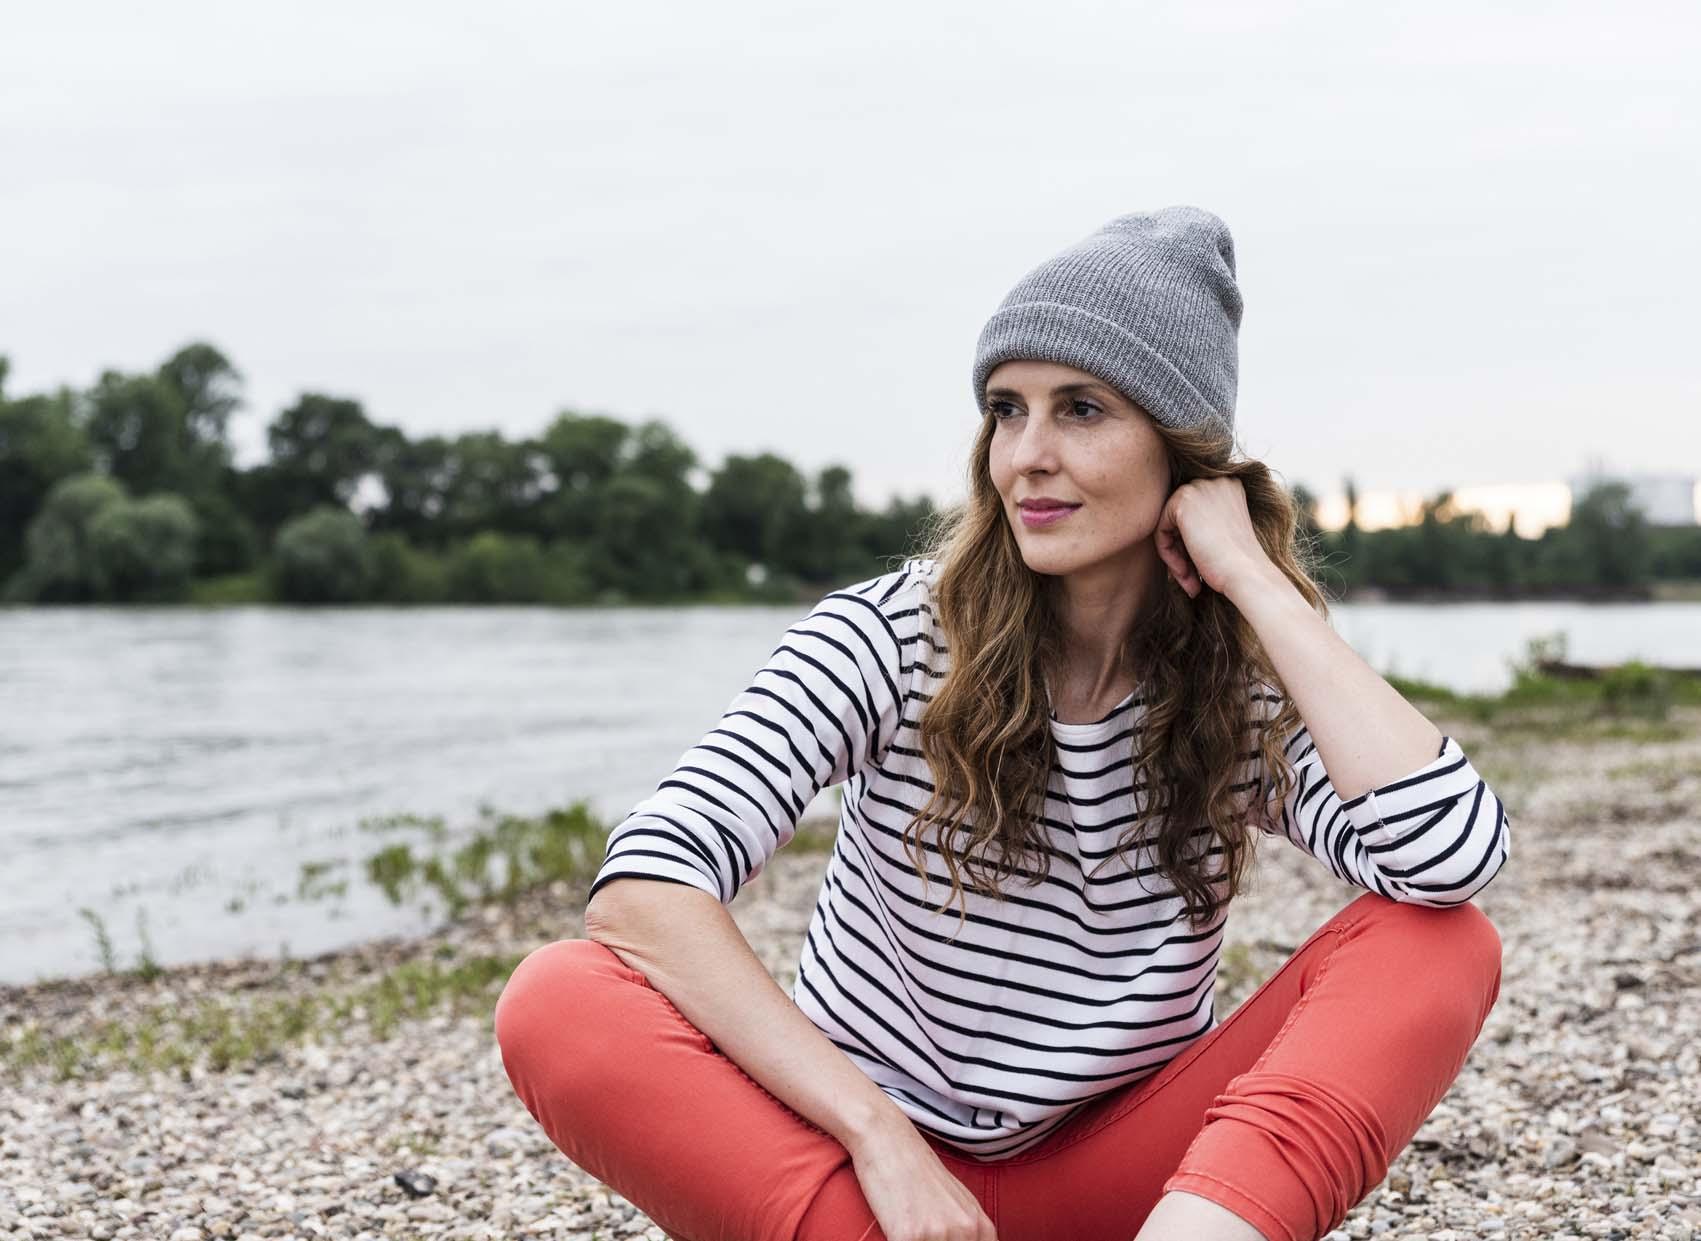 StephanieLangner25.jpg